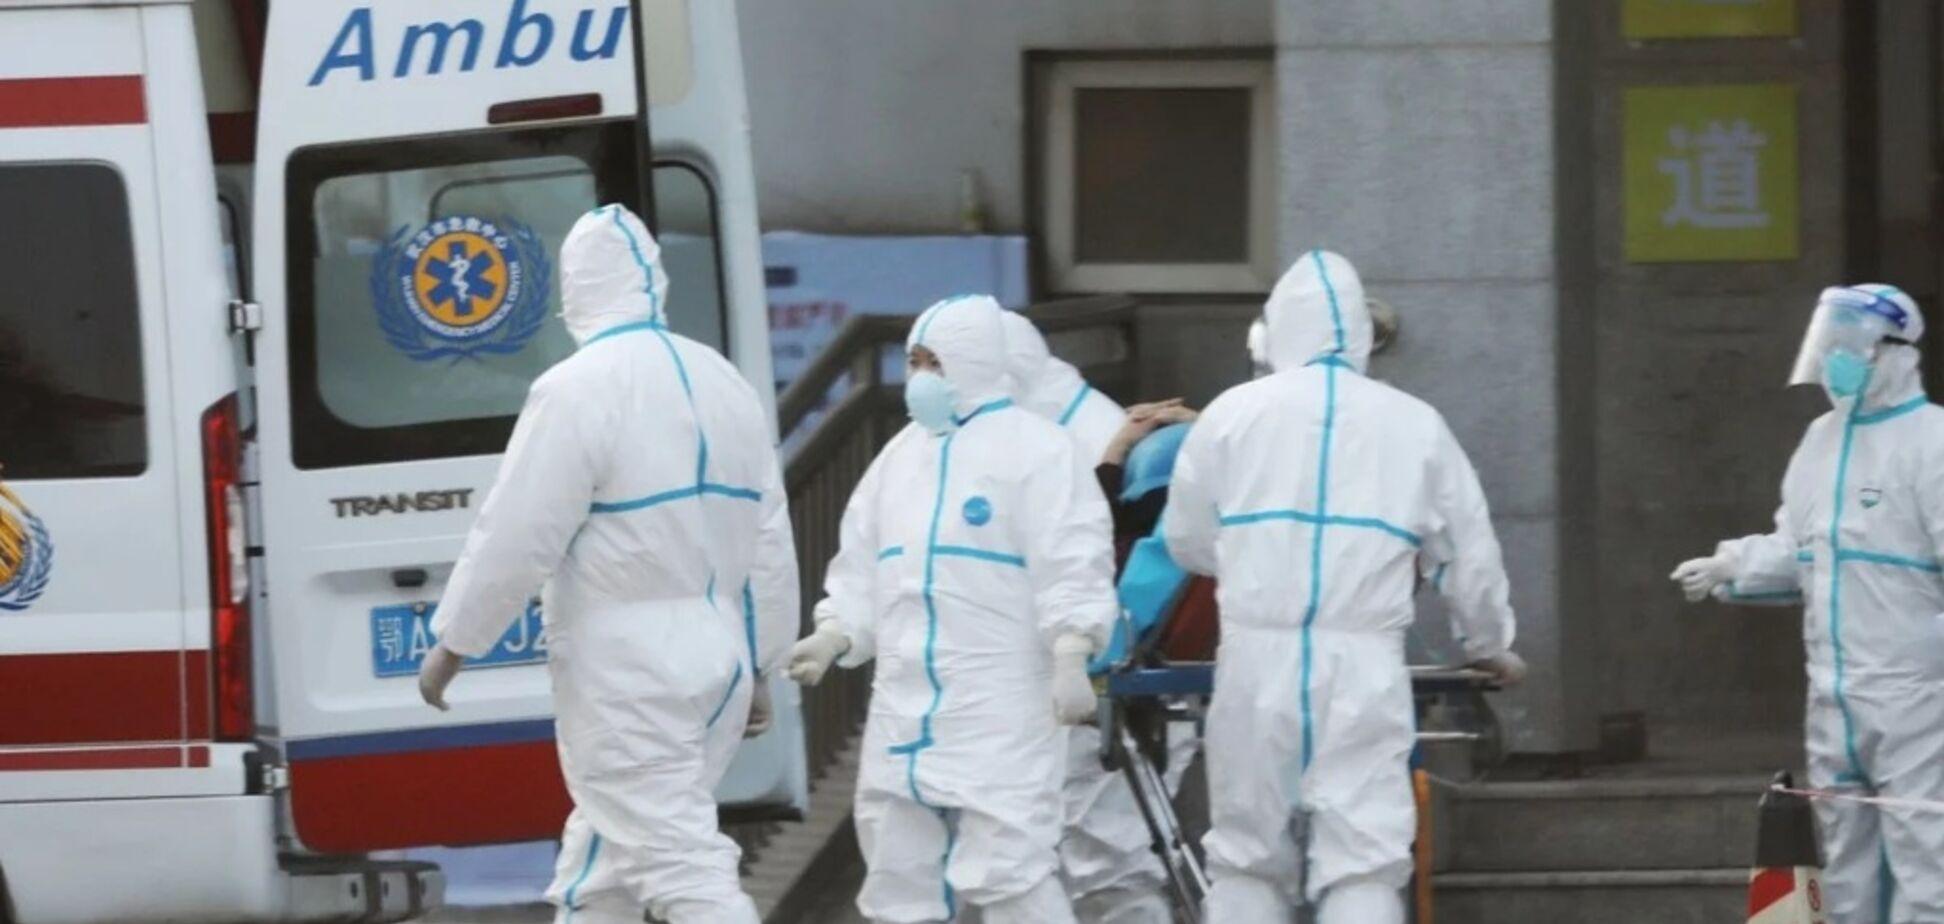 Трясеться, як при судомах: з'явилося страшне відео з хворим на коронавірус у Китаї